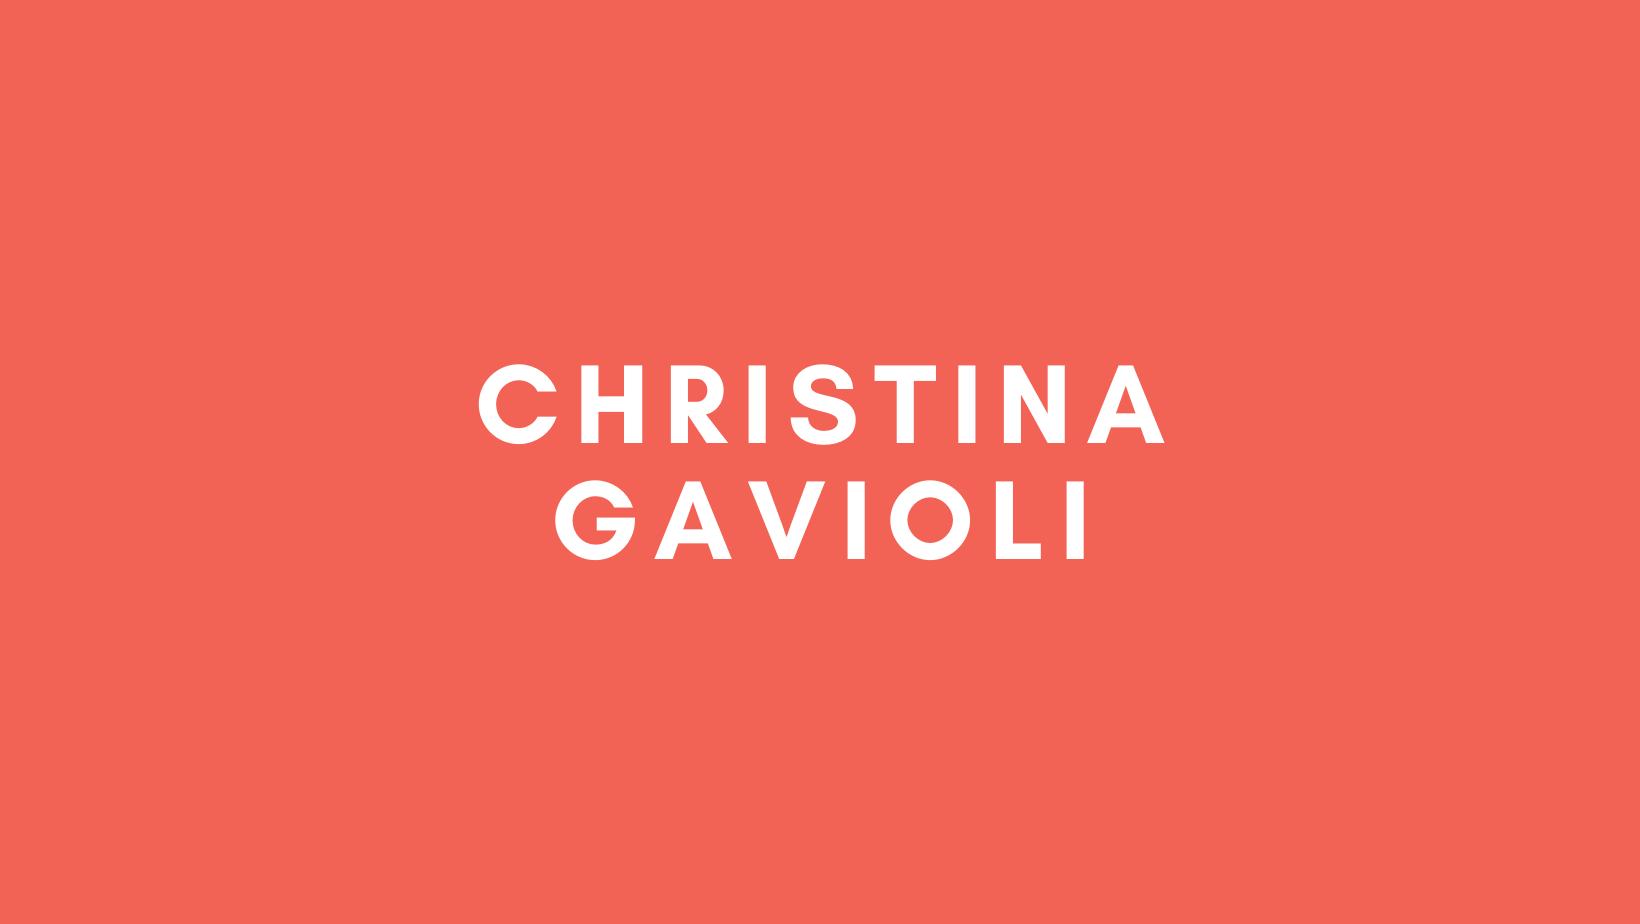 Christina Gavioli